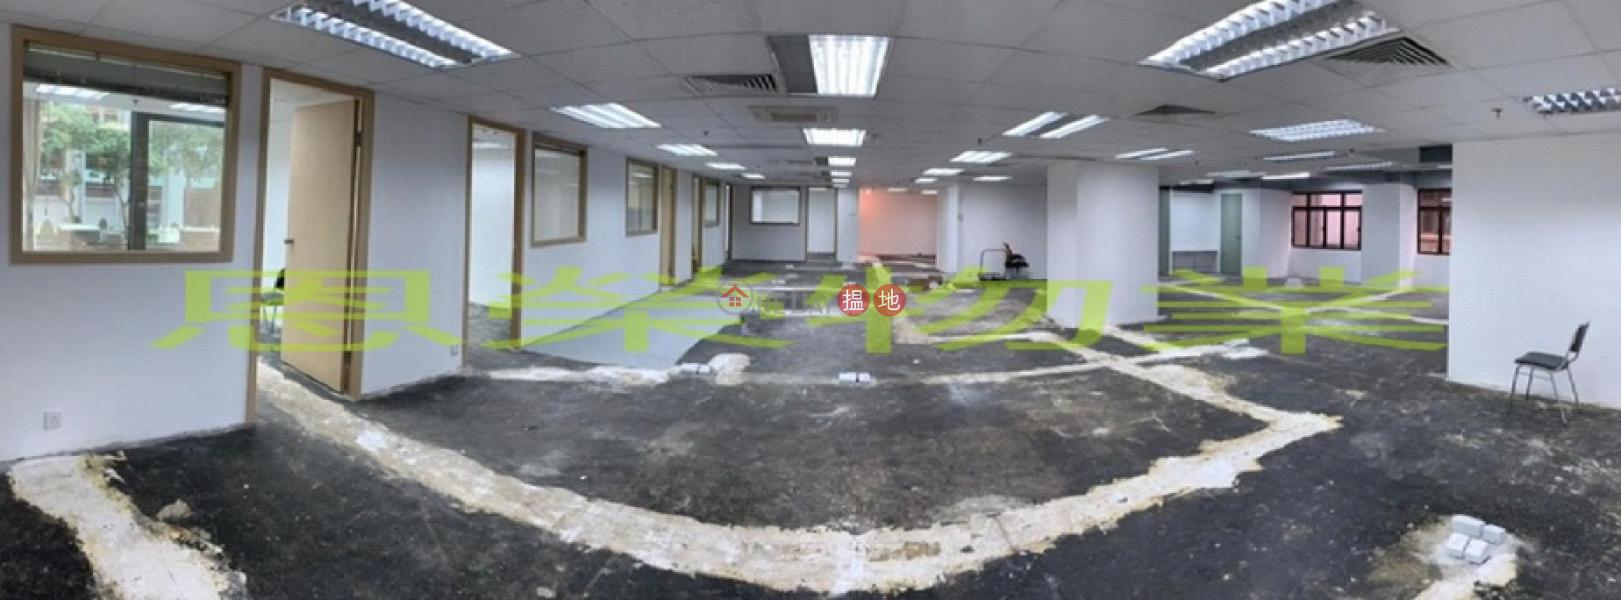 祥豐大廈-低層寫字樓/工商樓盤-出租樓盤HK$ 124,000/ 月